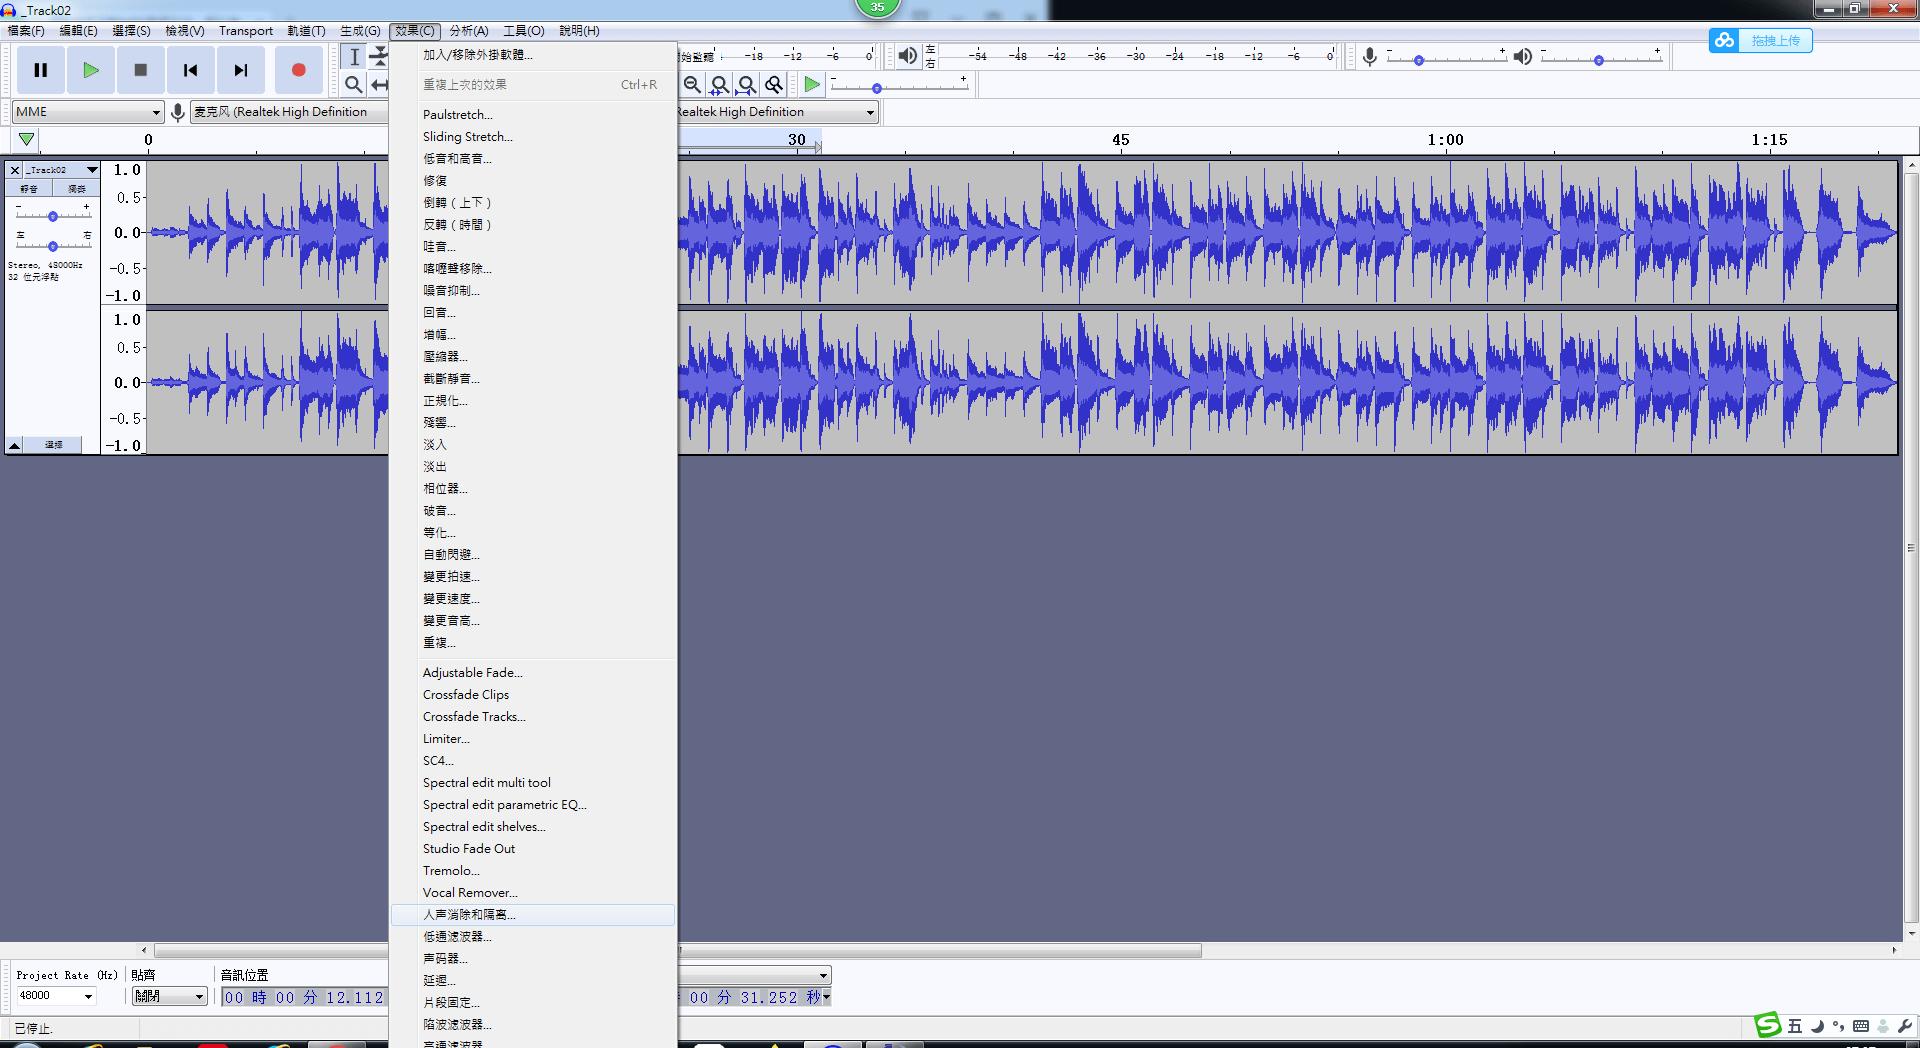 【影片編輯教學】如何進行MP3切割操作? - 銳力電子實驗室